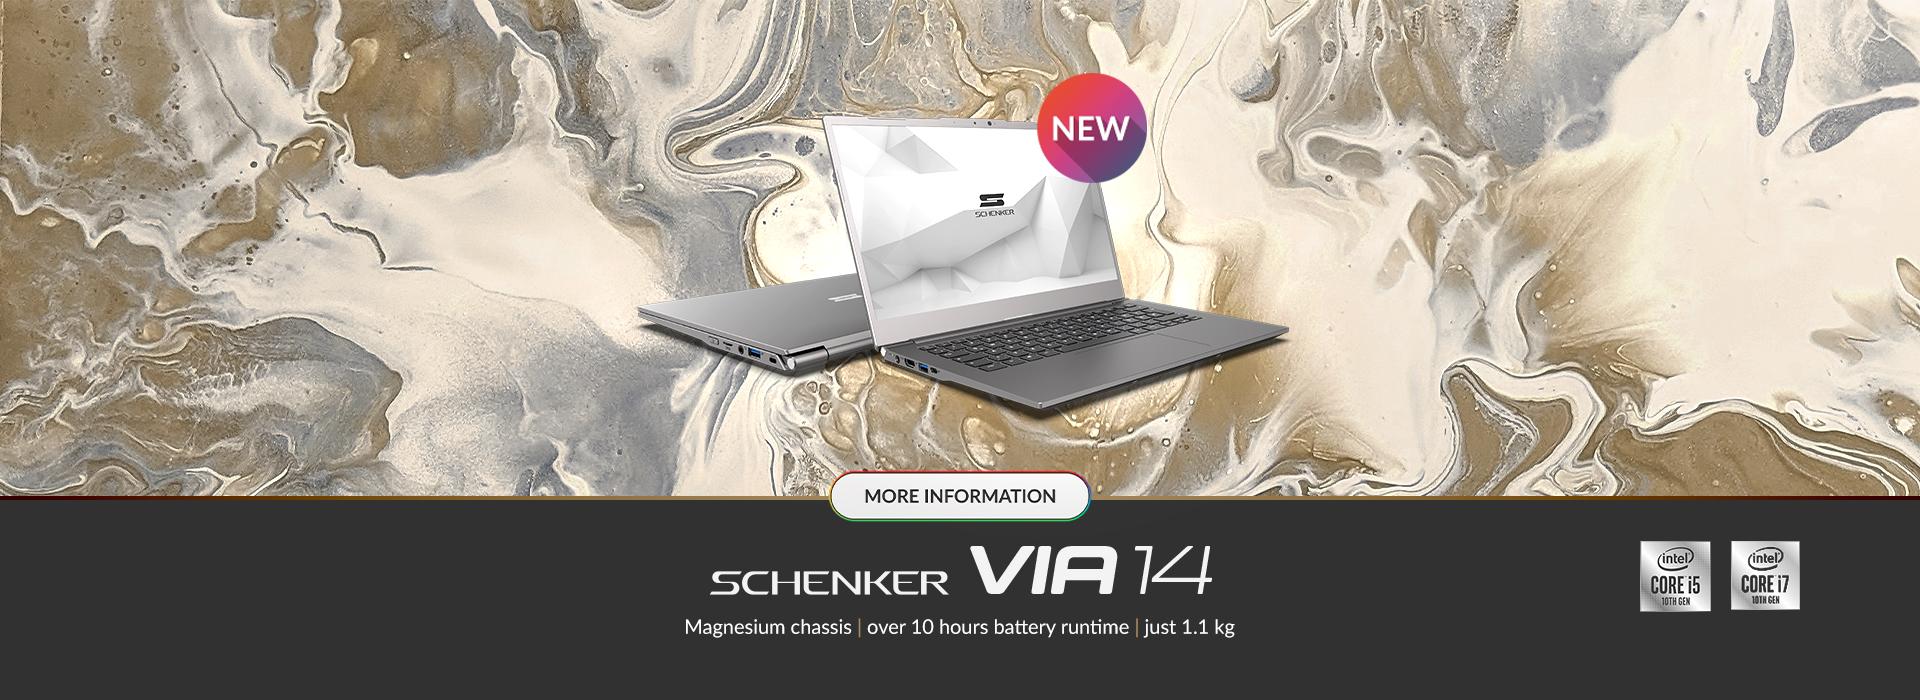 SCHENKER VIA 14 Ultrabook